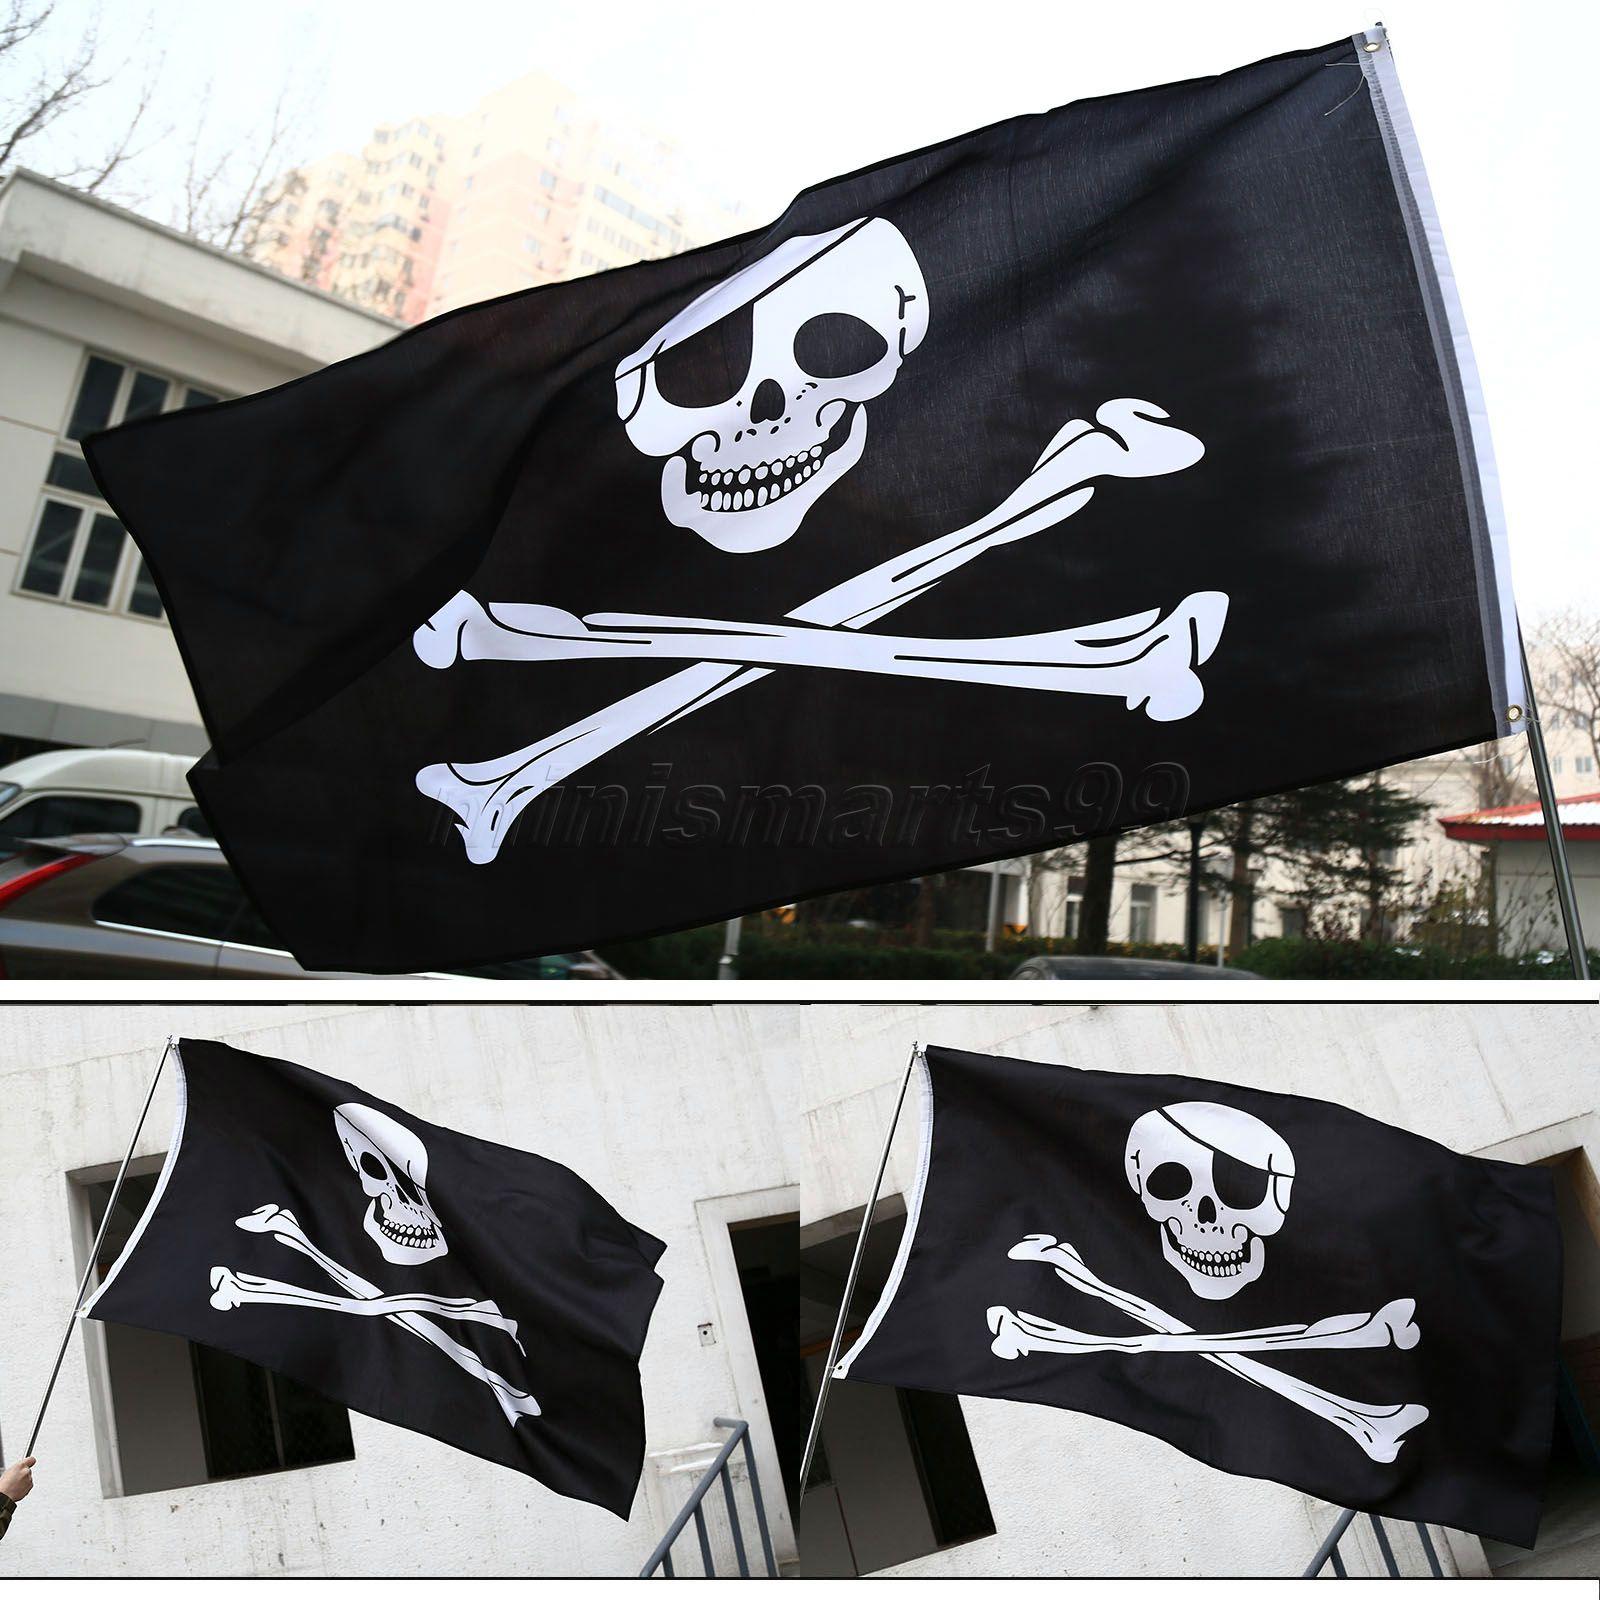 Us $3.29 5% Off|5X3Ft Piratenflaggen Totenkopf Jolly Roger Pirate Flaggen  Partei Banner Hängen Flag Dekorative Artikel Für Zuhause|Flag Country|Flag verwandt mit Piratenflaggen